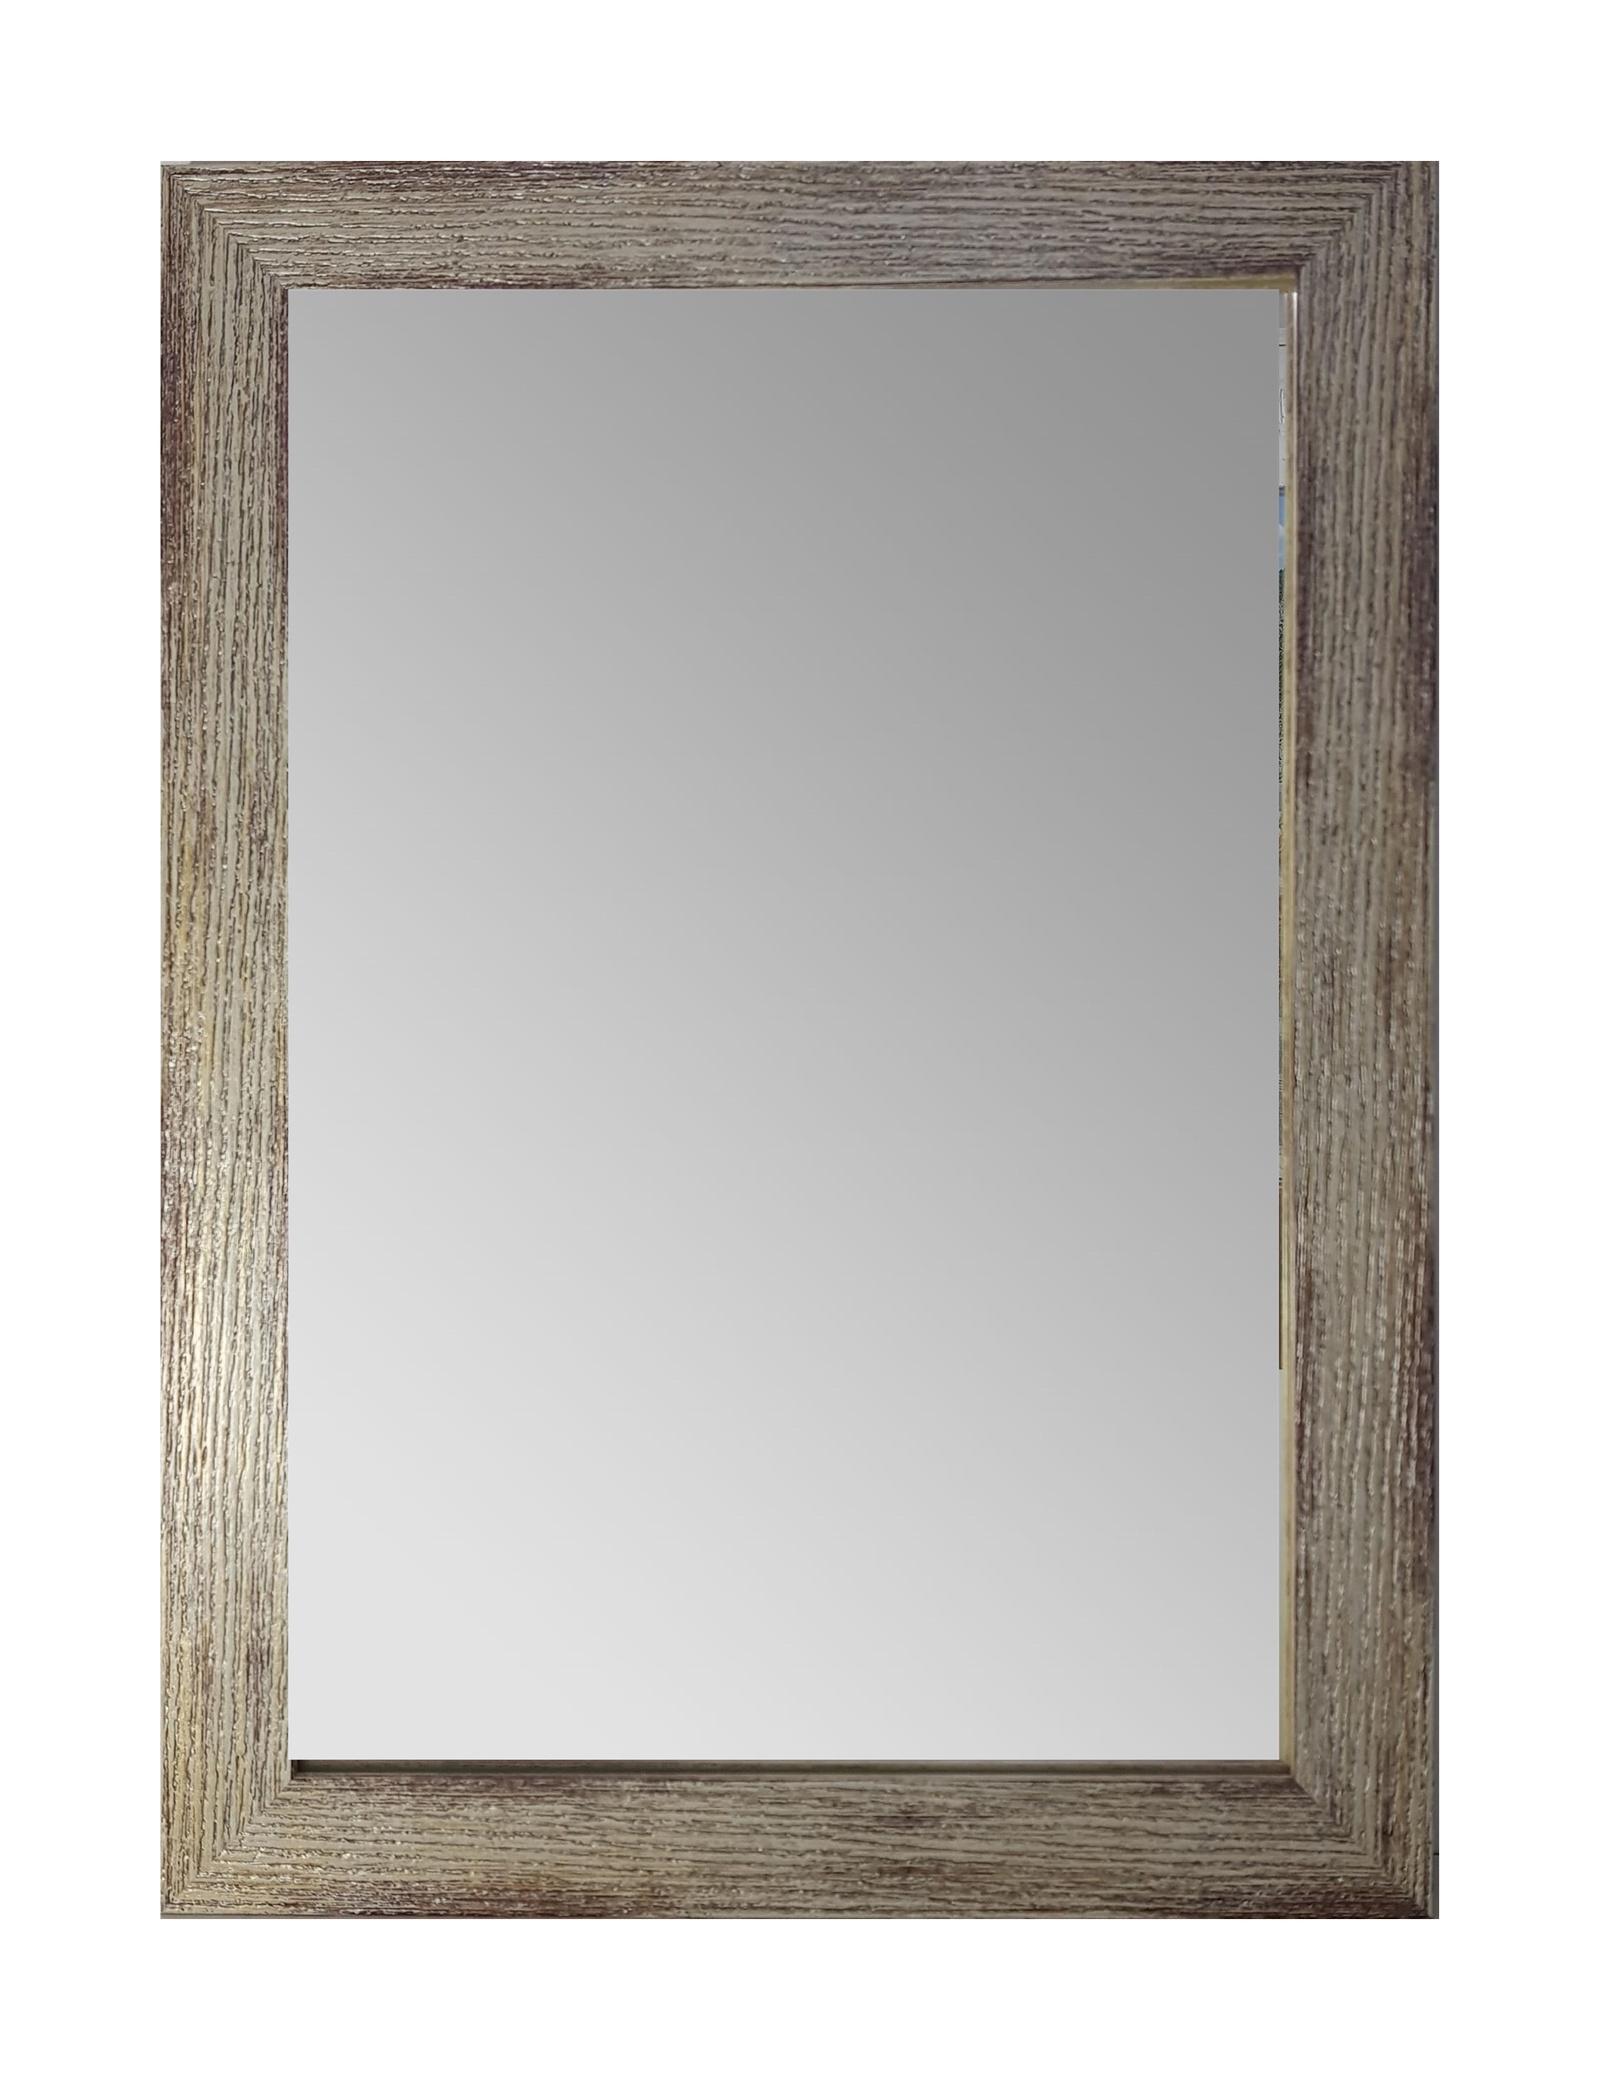 """Зеркало интерьерное GoldBasket Bark, GBR00473GBR00473Зеркало декоративное настенное """"Bark"""" в раме, 55 см на 40 см прямоугольной формы органично впишется в нео-классический интерьер. Багет приглушенного и приятного глазу оттенка продолжит стилистику помещения. Рамка придает аксессуару завершенный аккуратный вид. Зеркало незаменимо в доме для сохранения опрятности образа: примерки одежды, создании укладки, уходе за лицом. Помимо главных задач аксессуар визуально увеличивает потолки и делает помещение светлее. Толщина зеркала 4мм толстое и прочное! Устойчиво к влаге подойдёт для ванны, так же в комплекте крепление, можно повесить вертикально и горизонтально."""